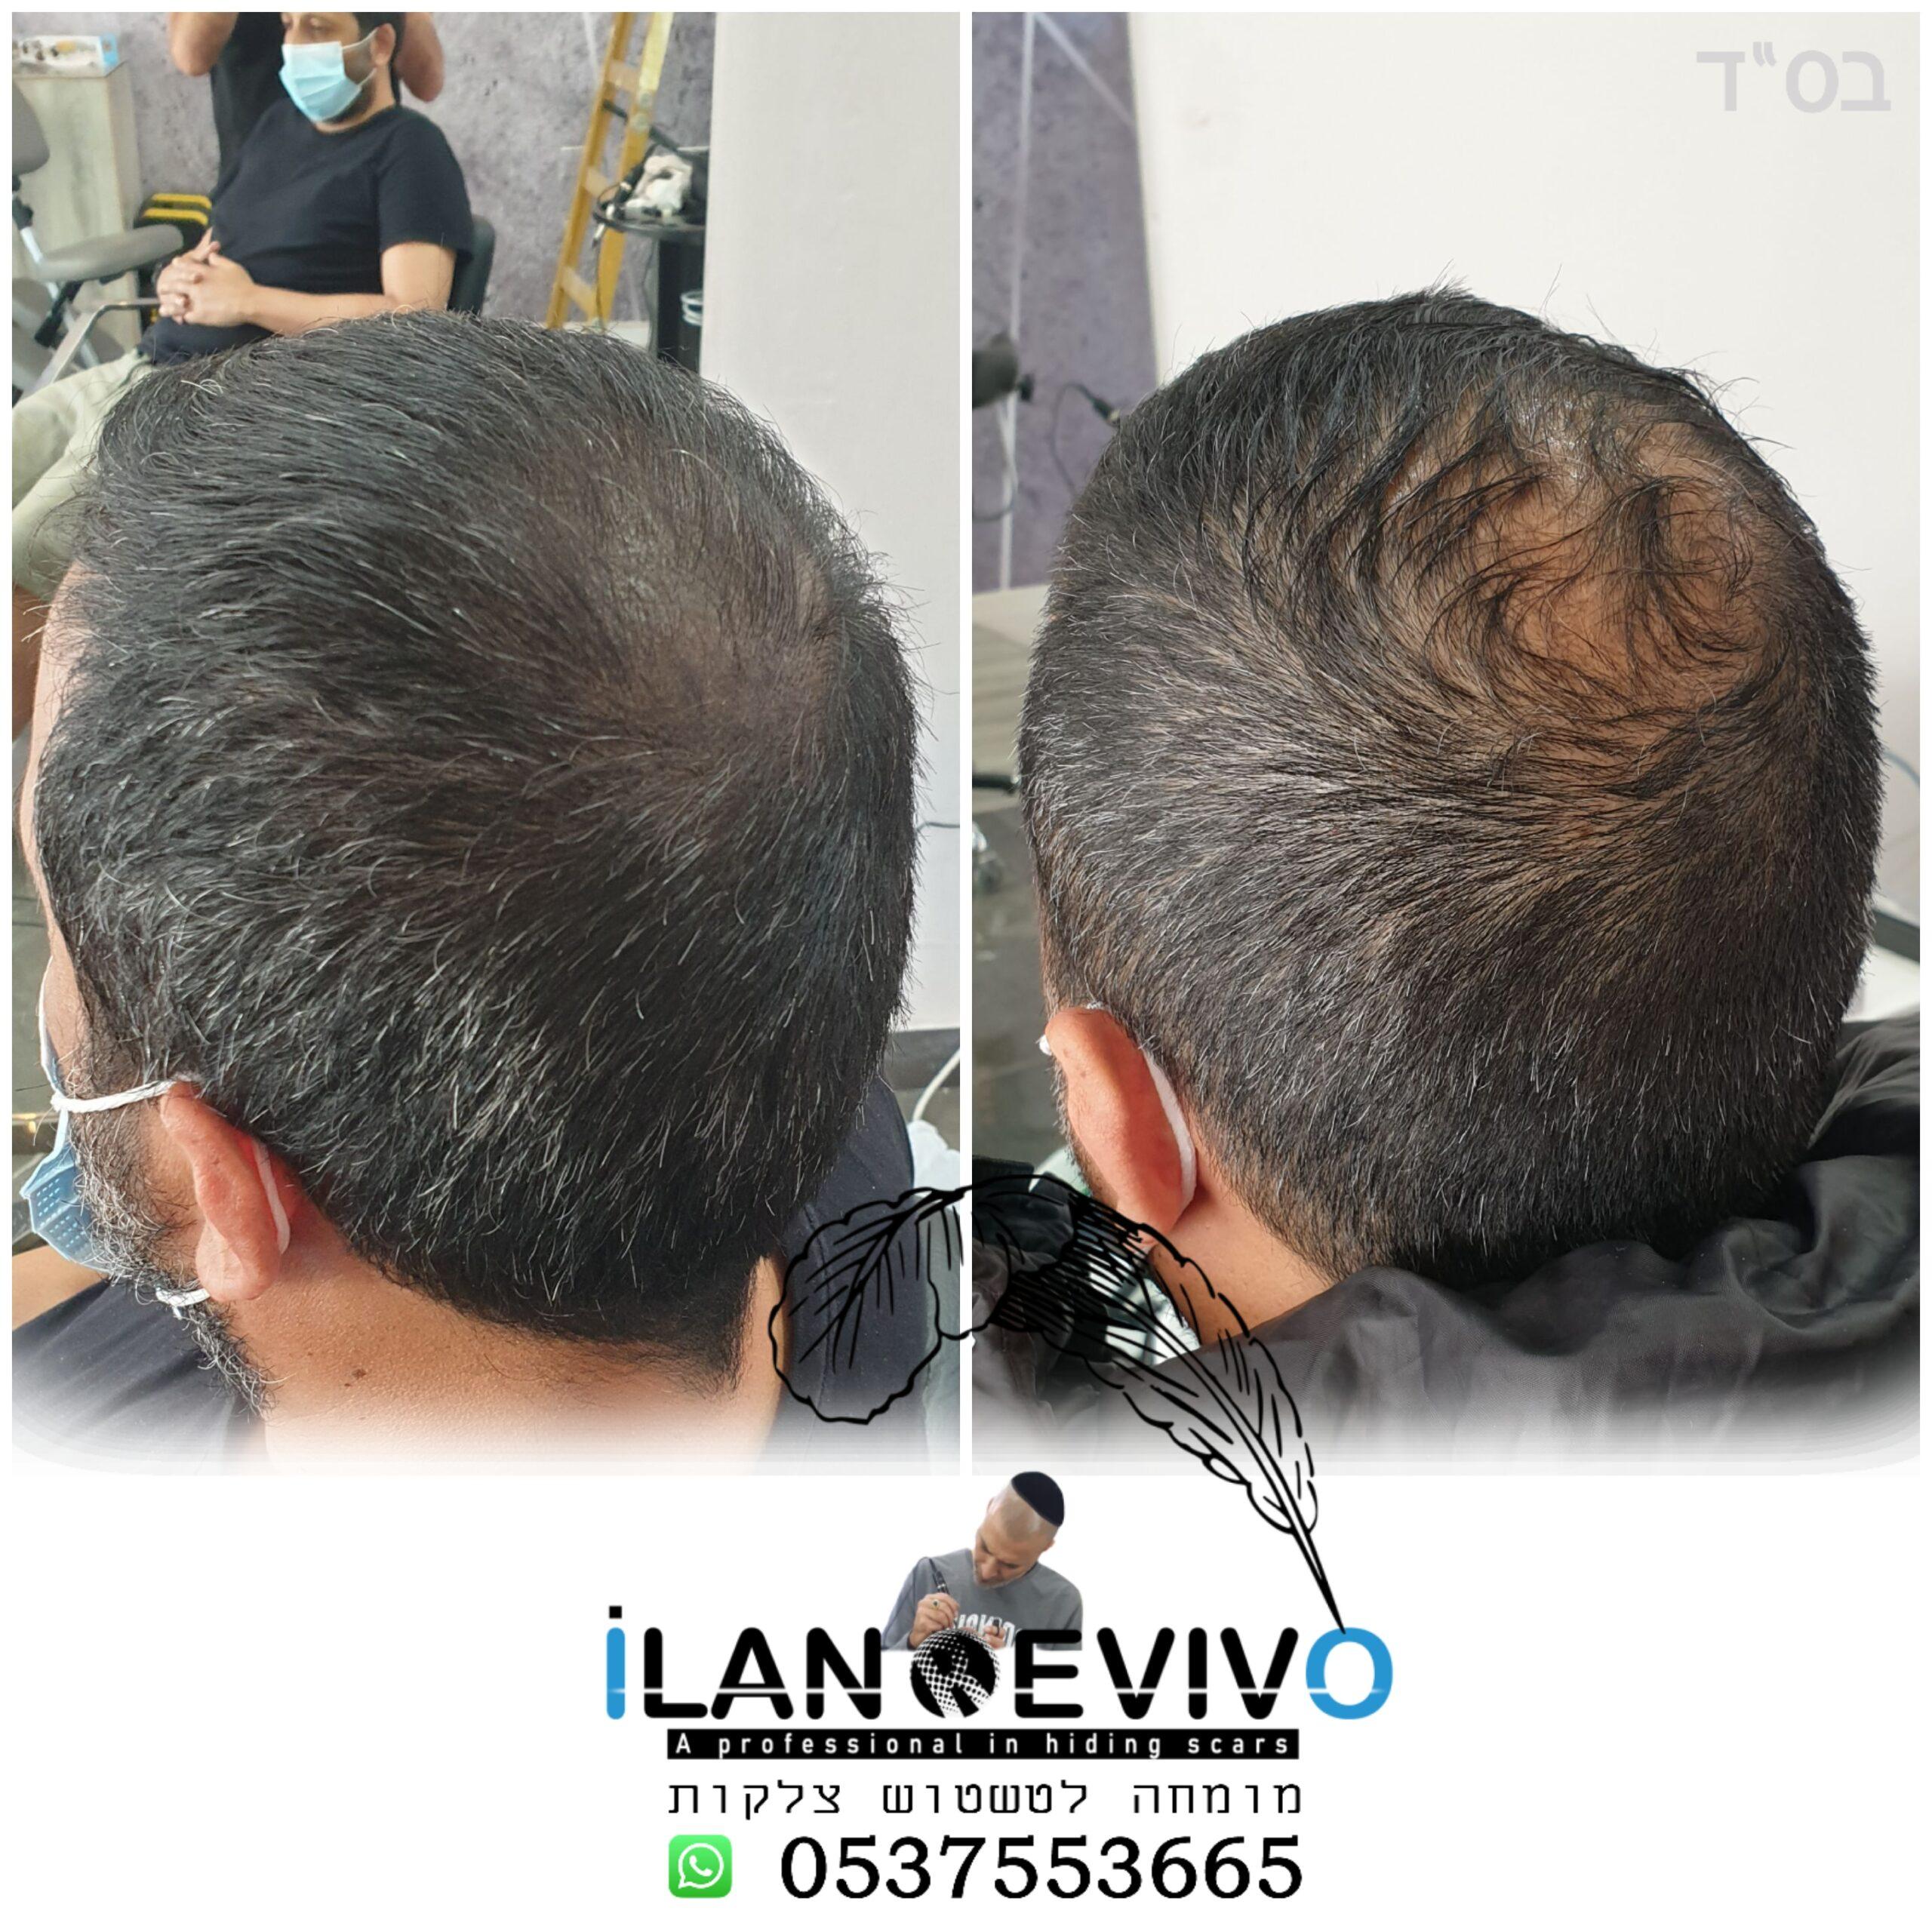 הדמיית שיער טיפול ראשון